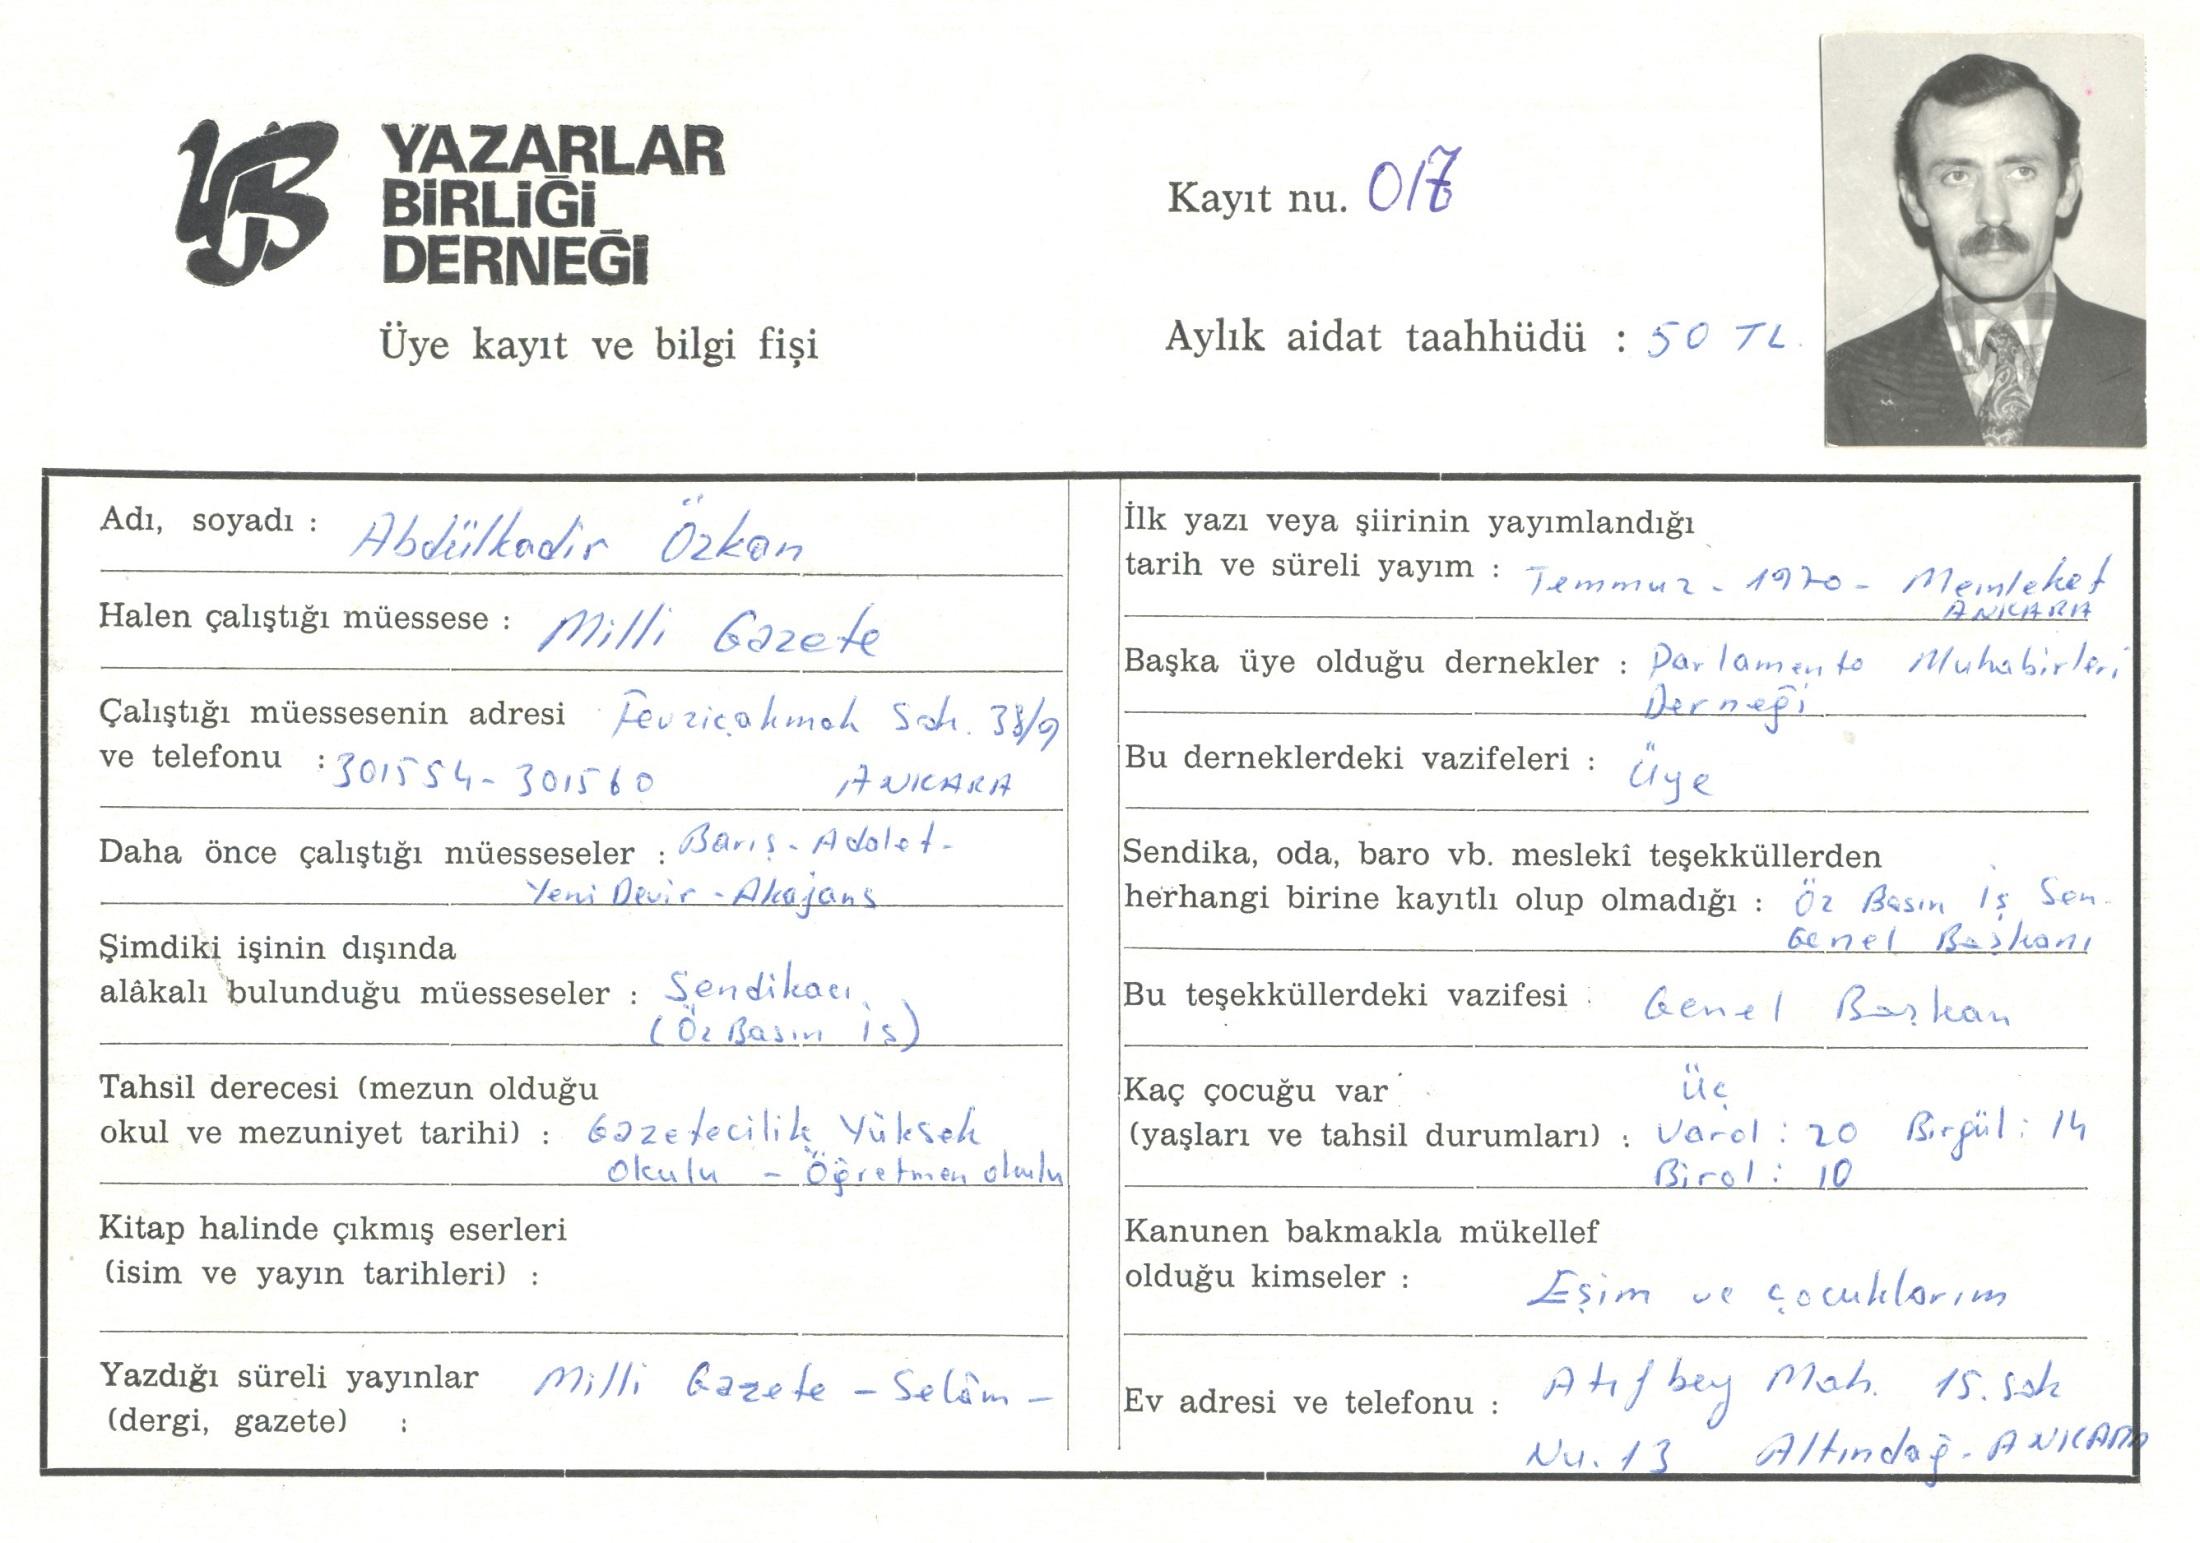 abdulkadirozkan.jpg